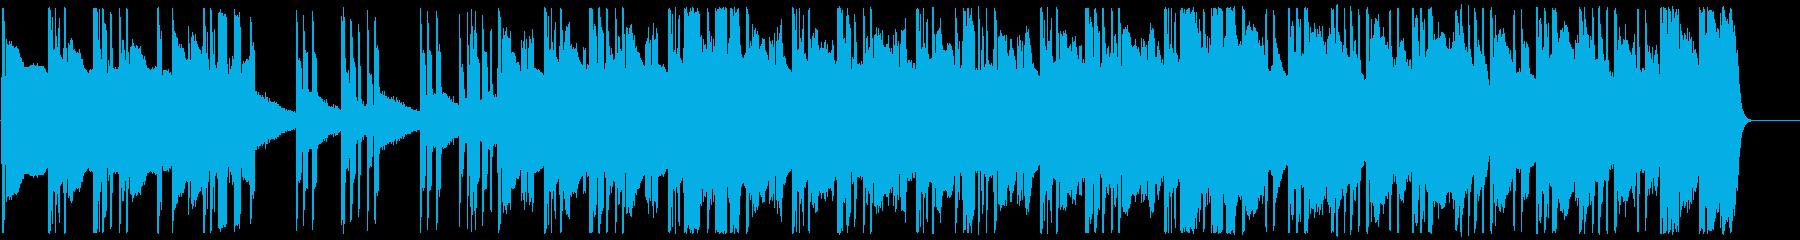 ヒップホップ/超重バス/トラップ#3の再生済みの波形